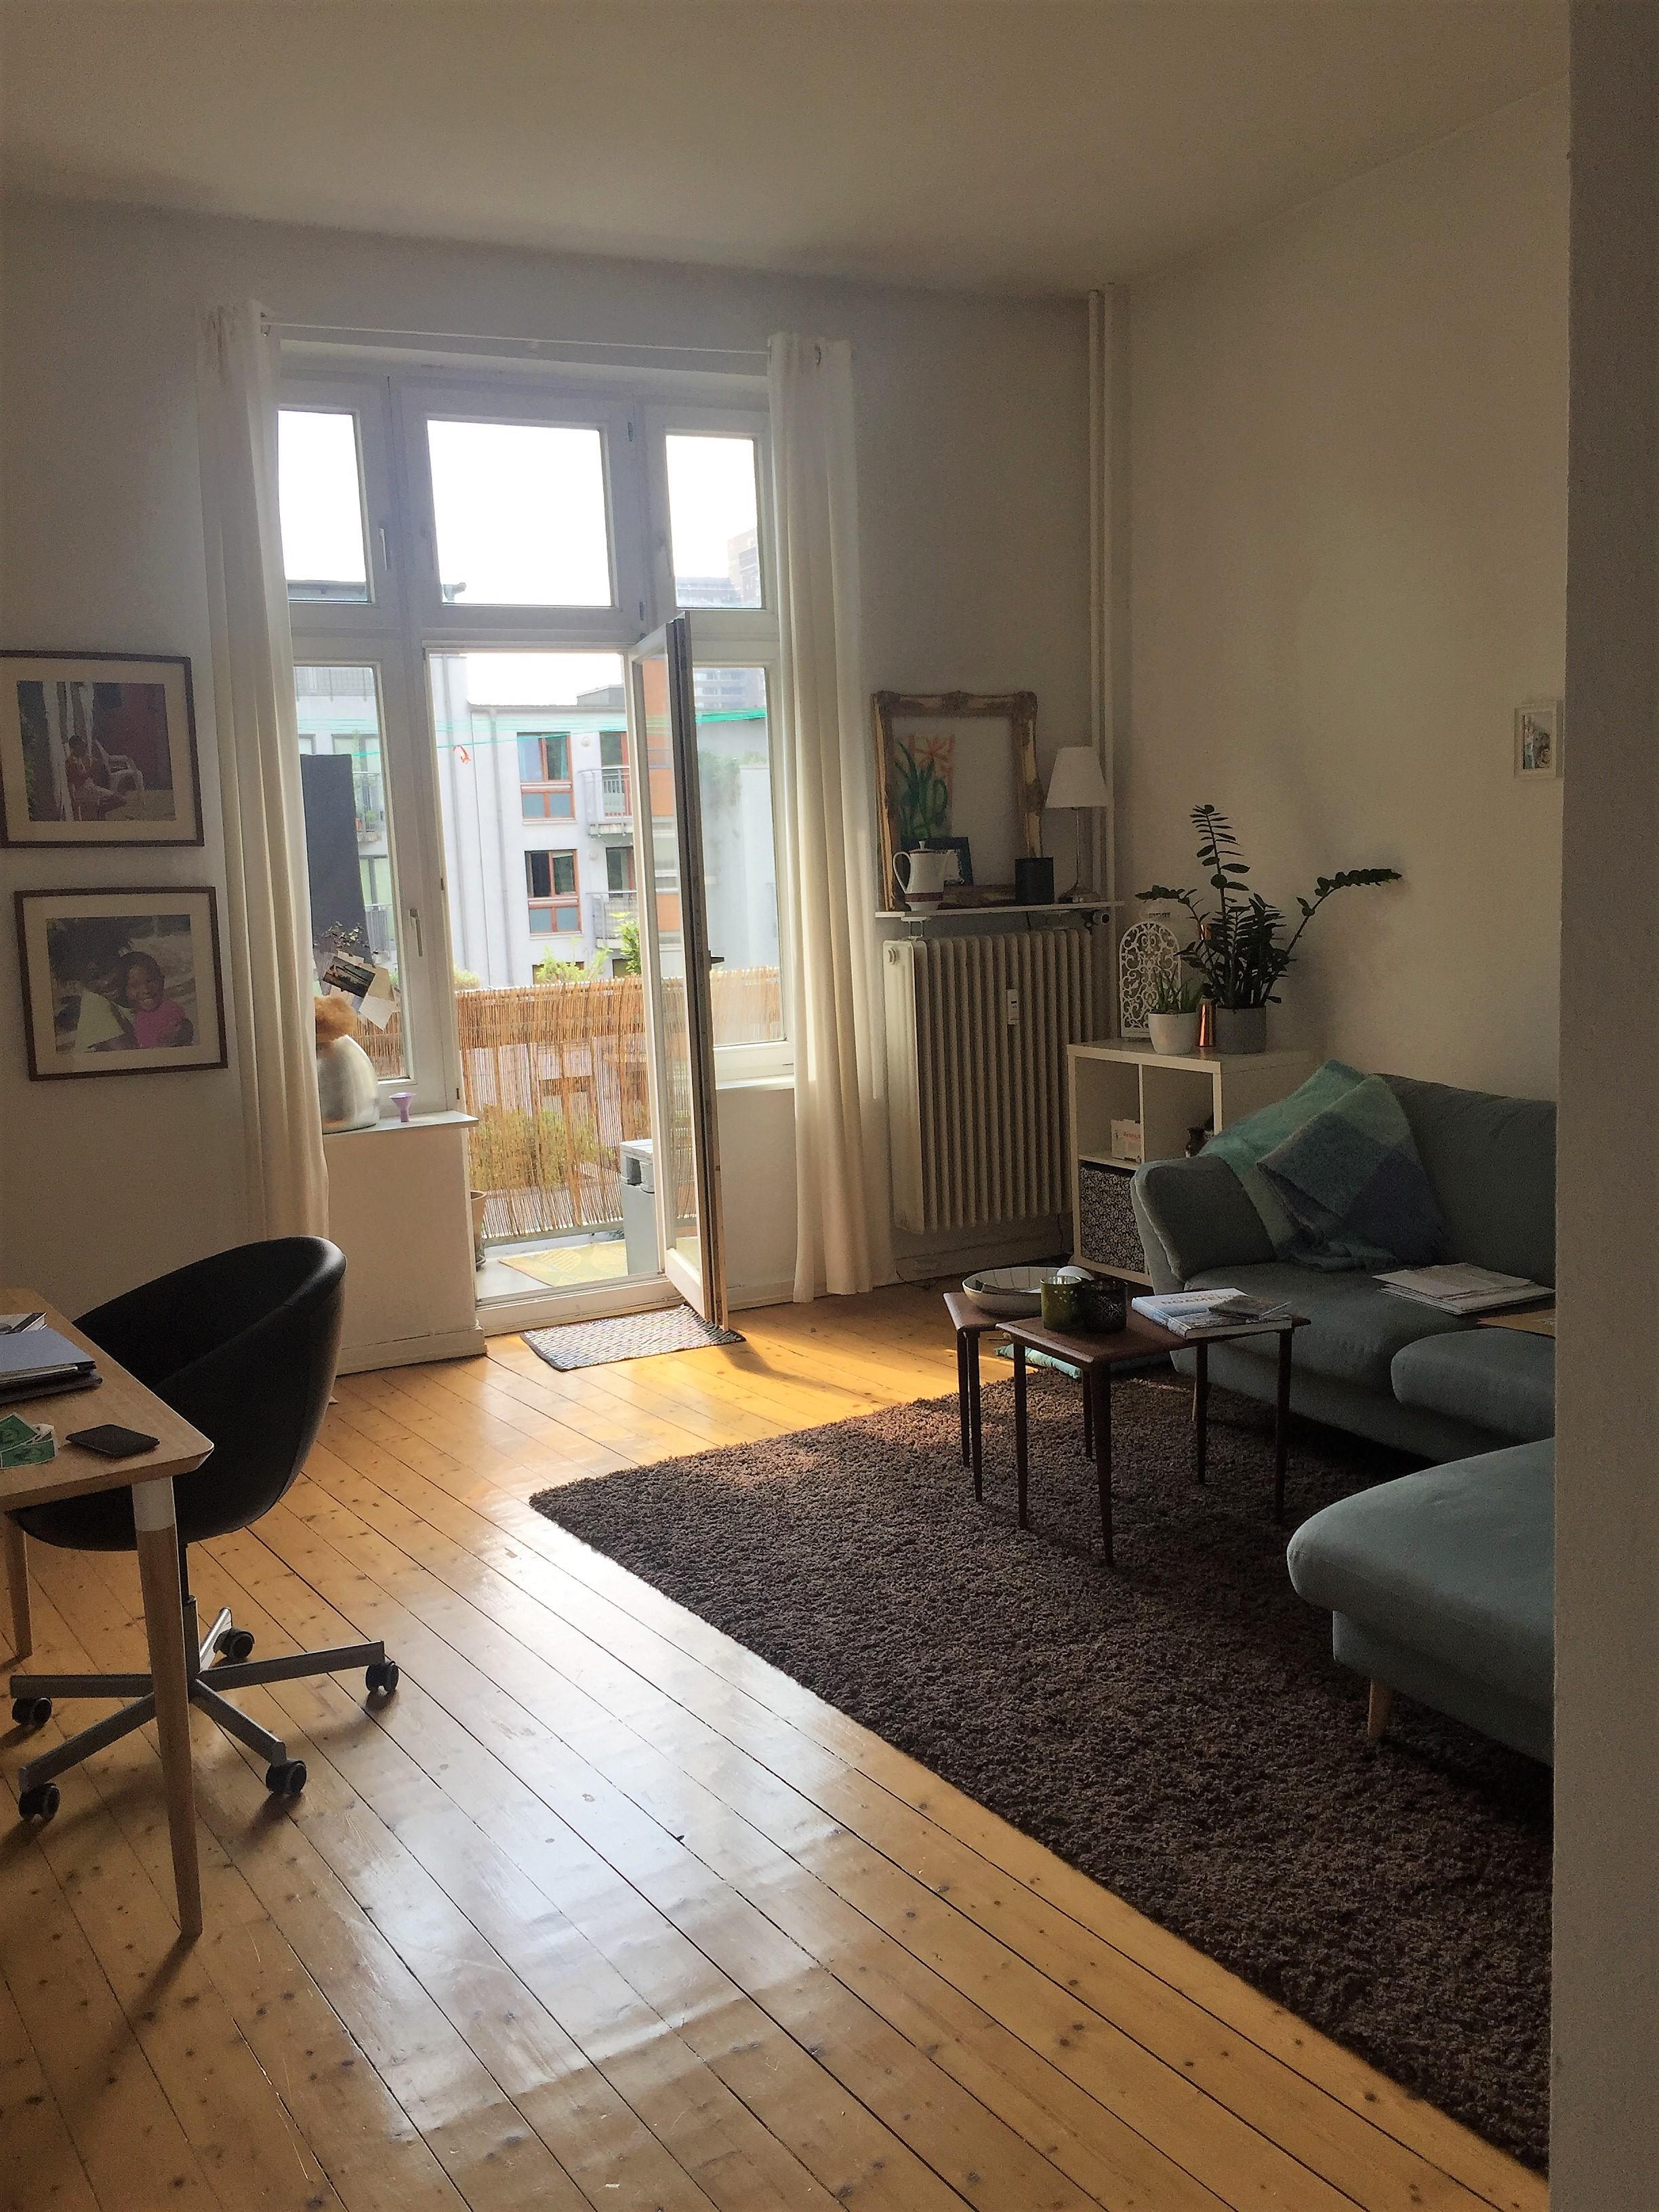 2 zimmer mietwohnung auf zeit f r expats zu mieten in 20146 hamburg. Black Bedroom Furniture Sets. Home Design Ideas